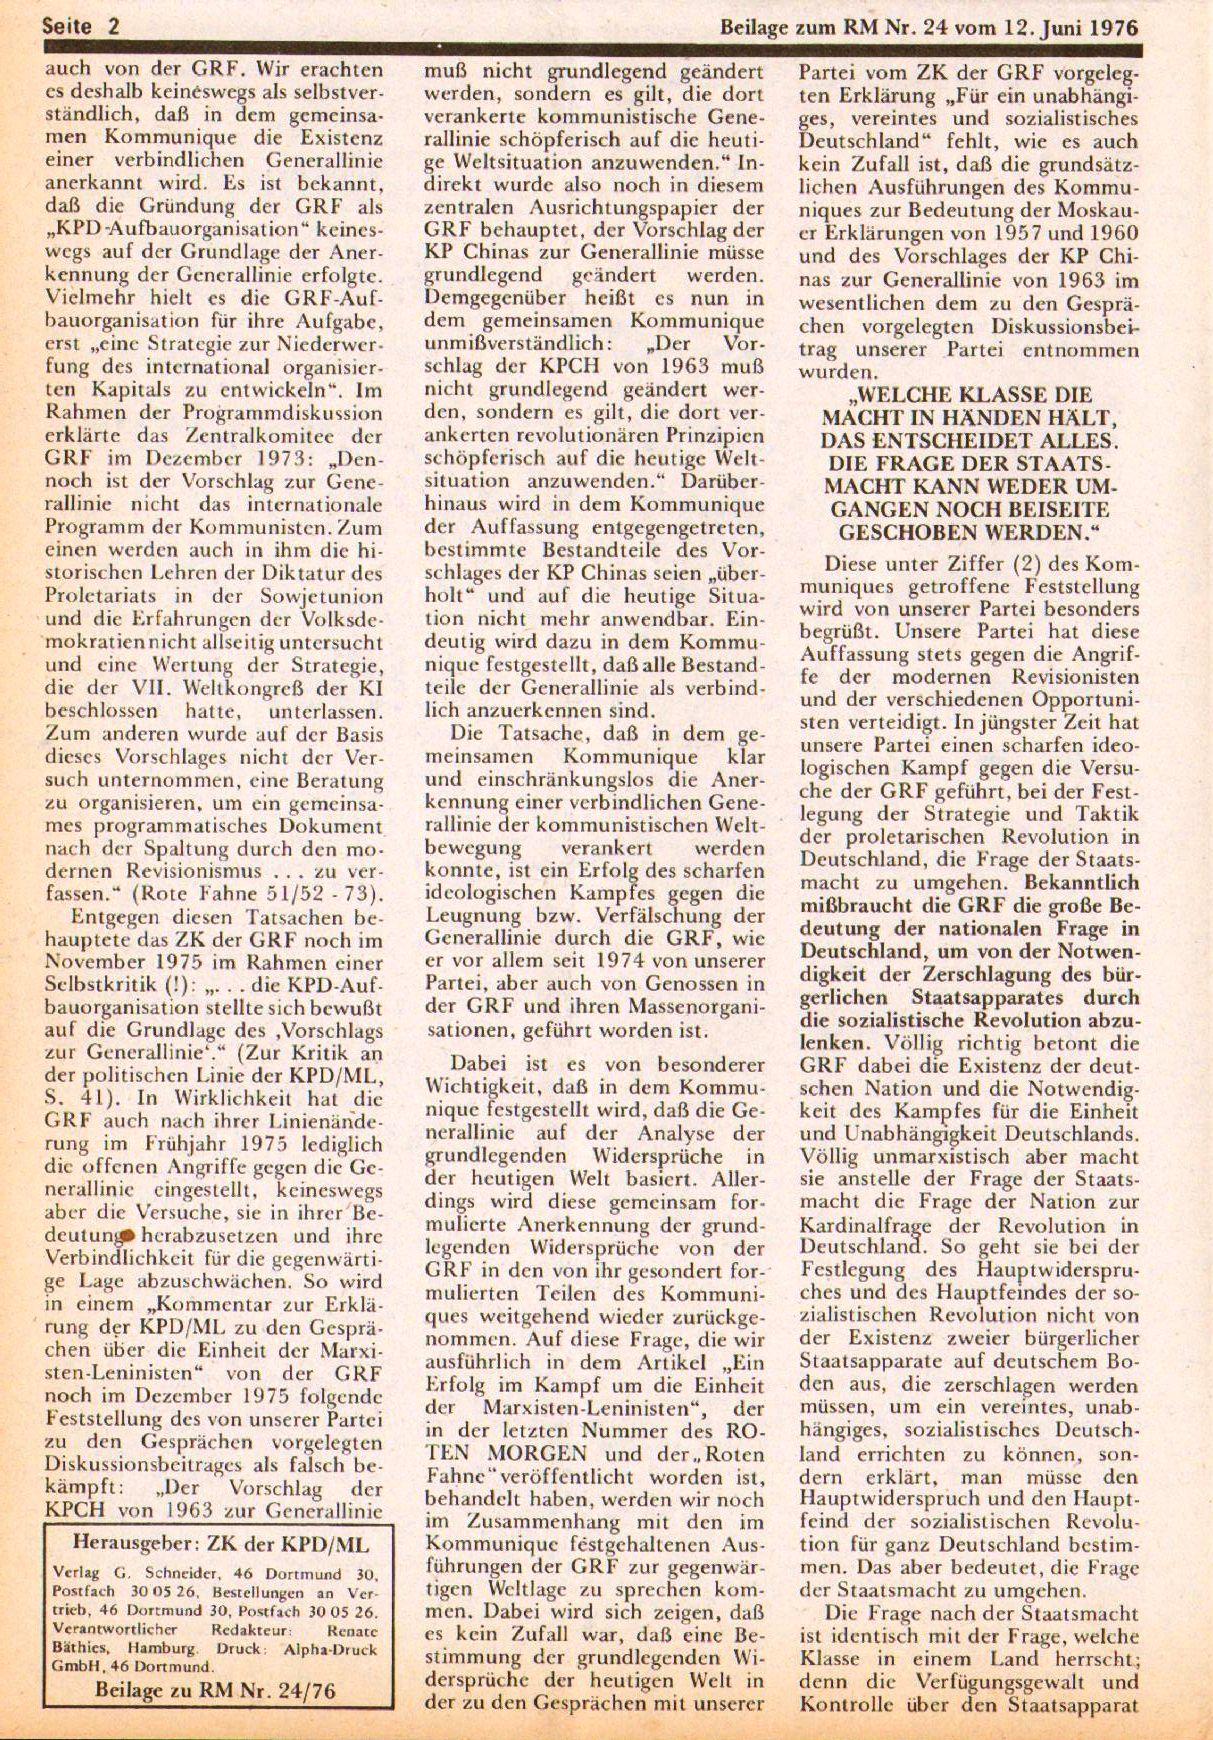 Roter Morgen, 10. Jg., 12. Juni 1976, Beilage: Zum Kommumique, Seite 2